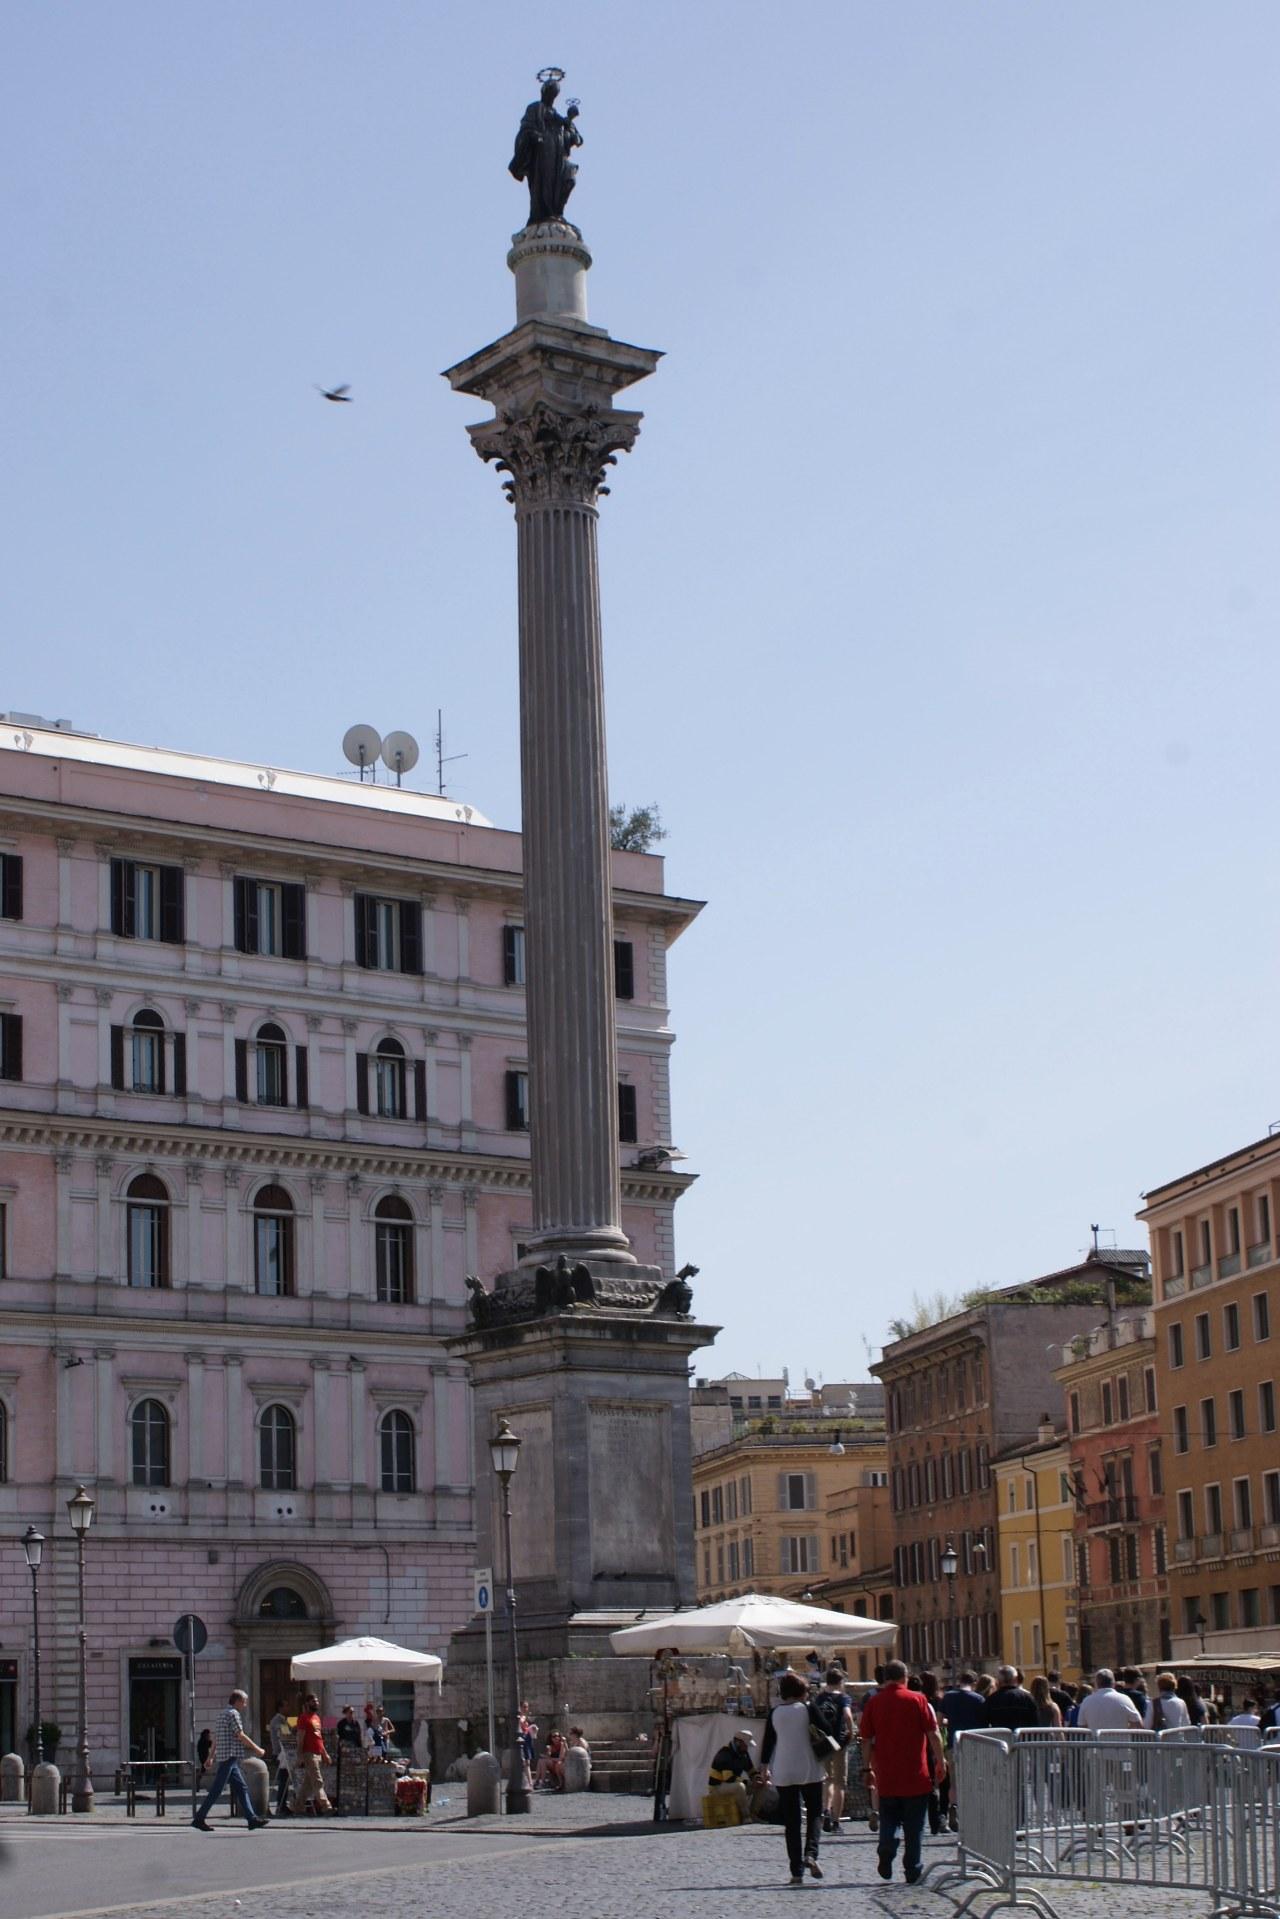 Images - Stald - Rome Printemps 2016 - 04:04 - 15